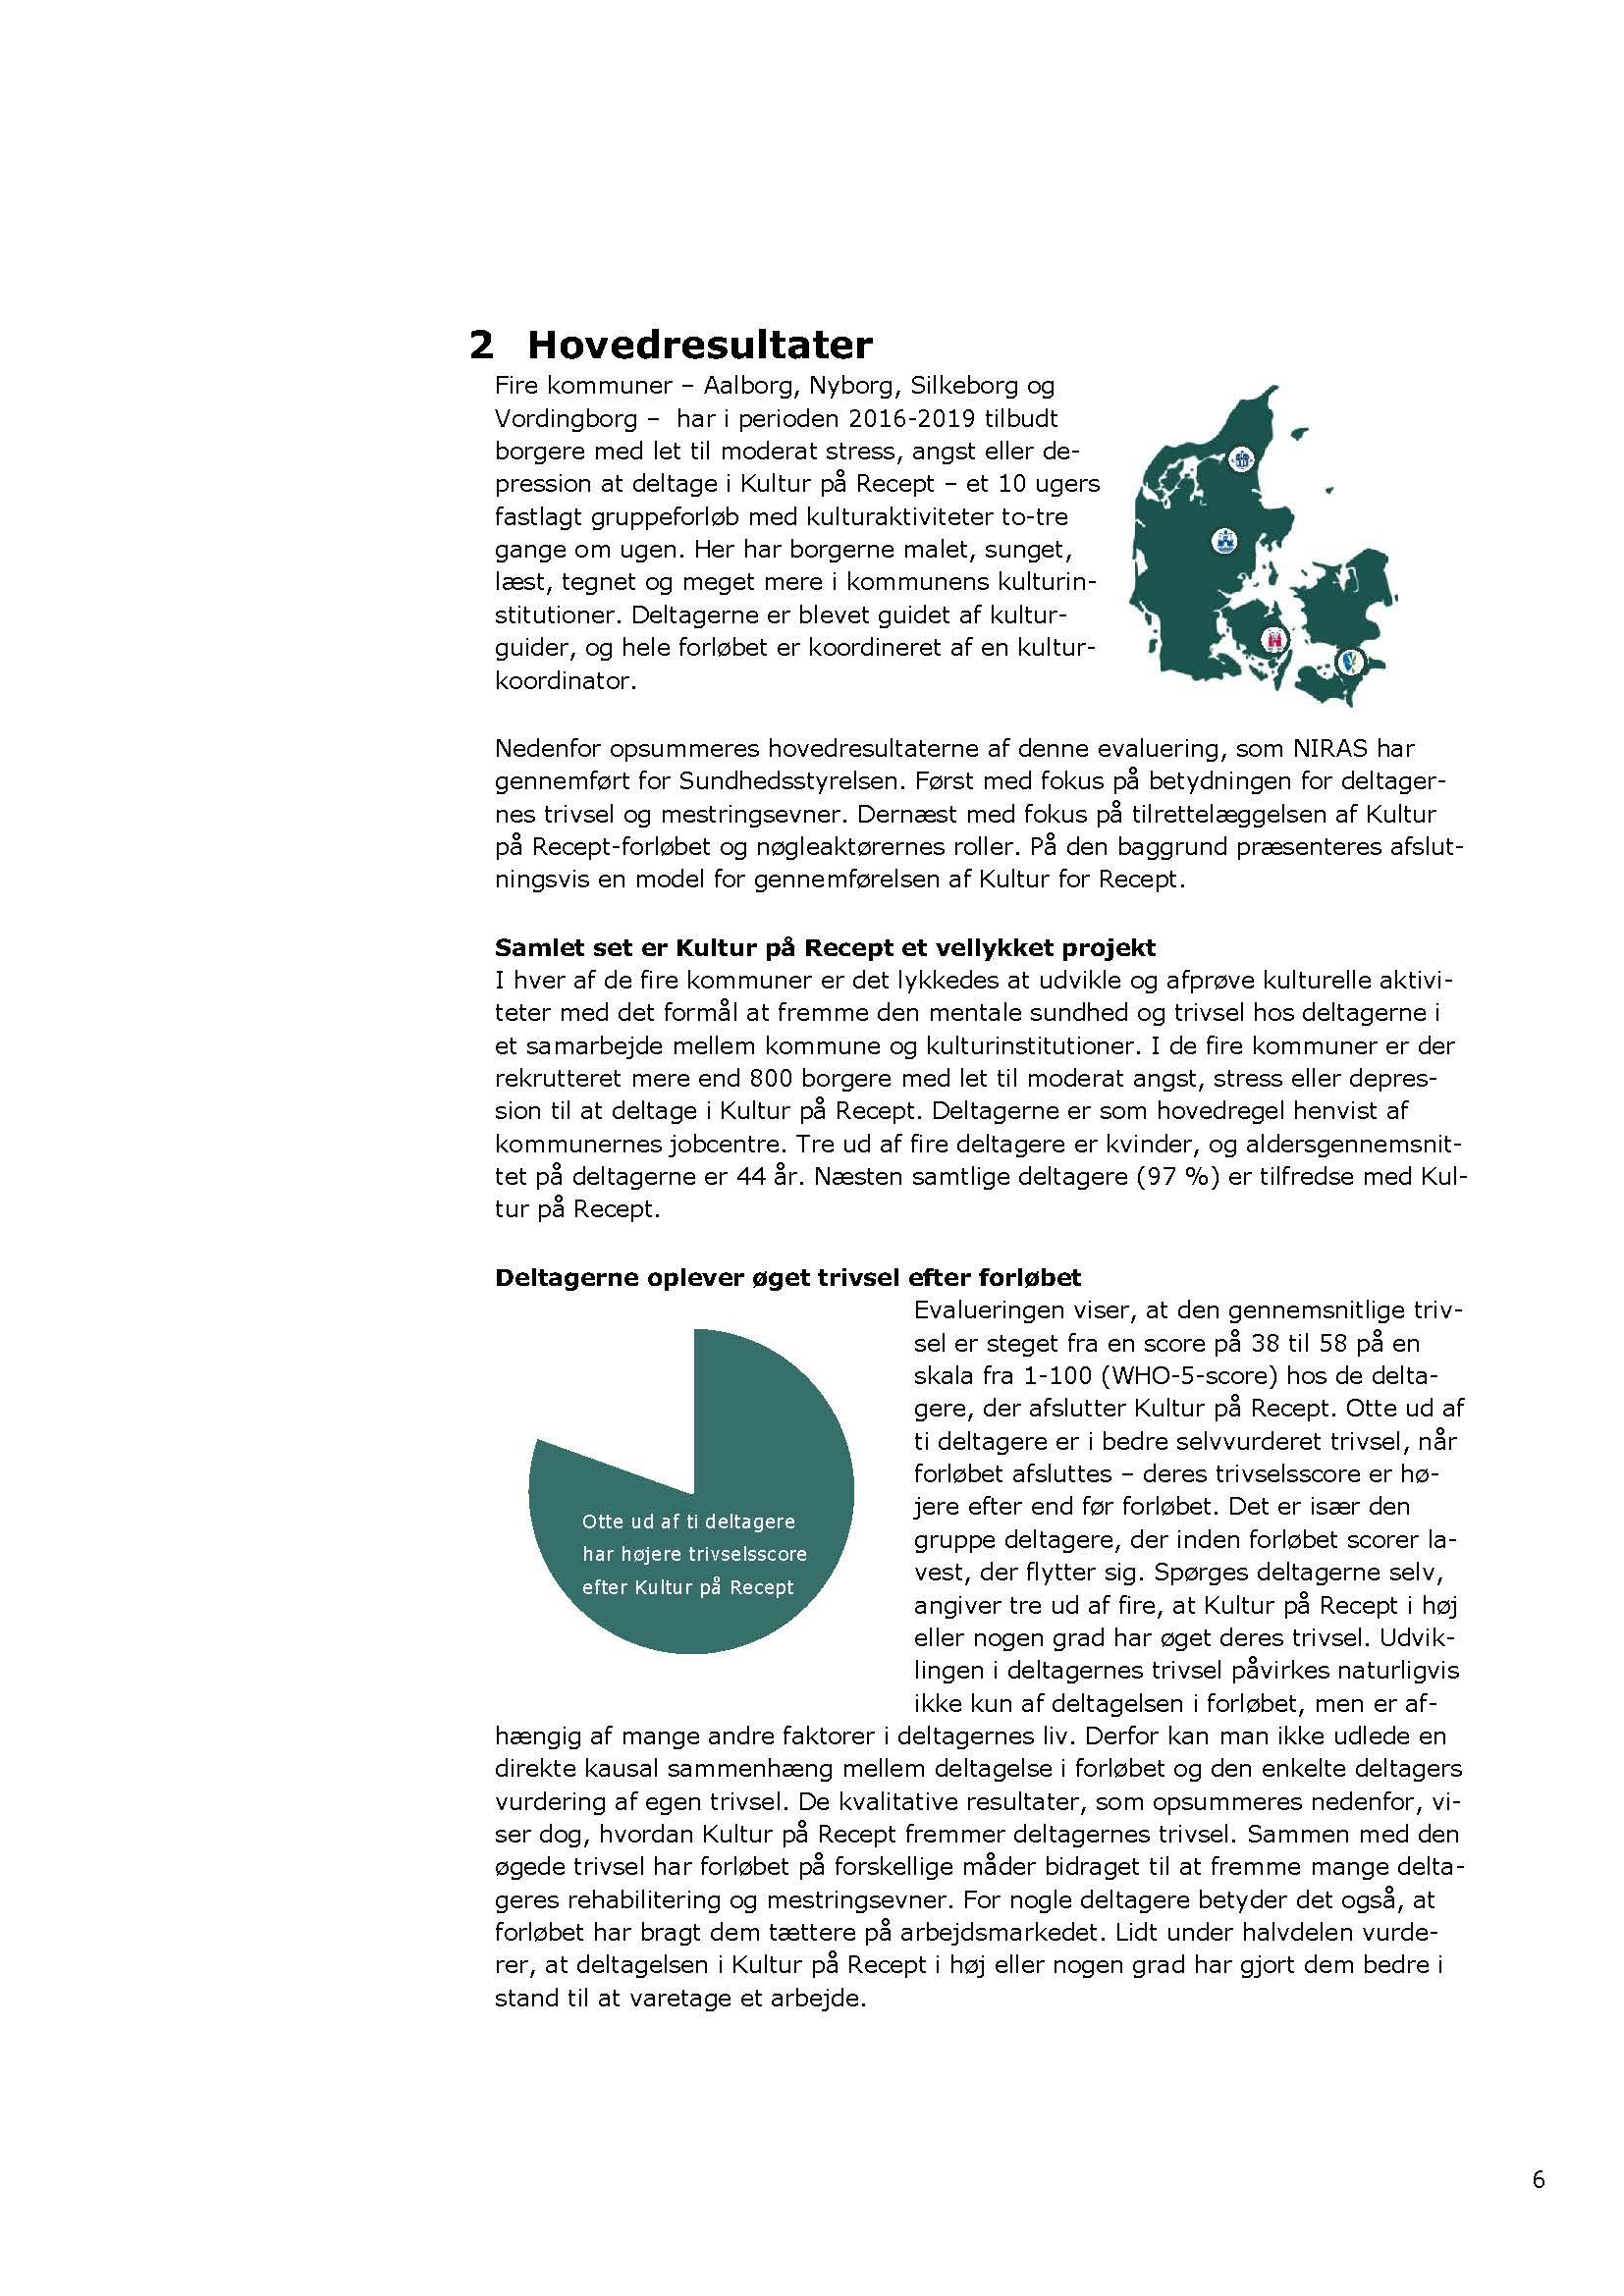 Kultur-paa-recept_tvaergaaende-evaluering_foraar-2020_Page_06